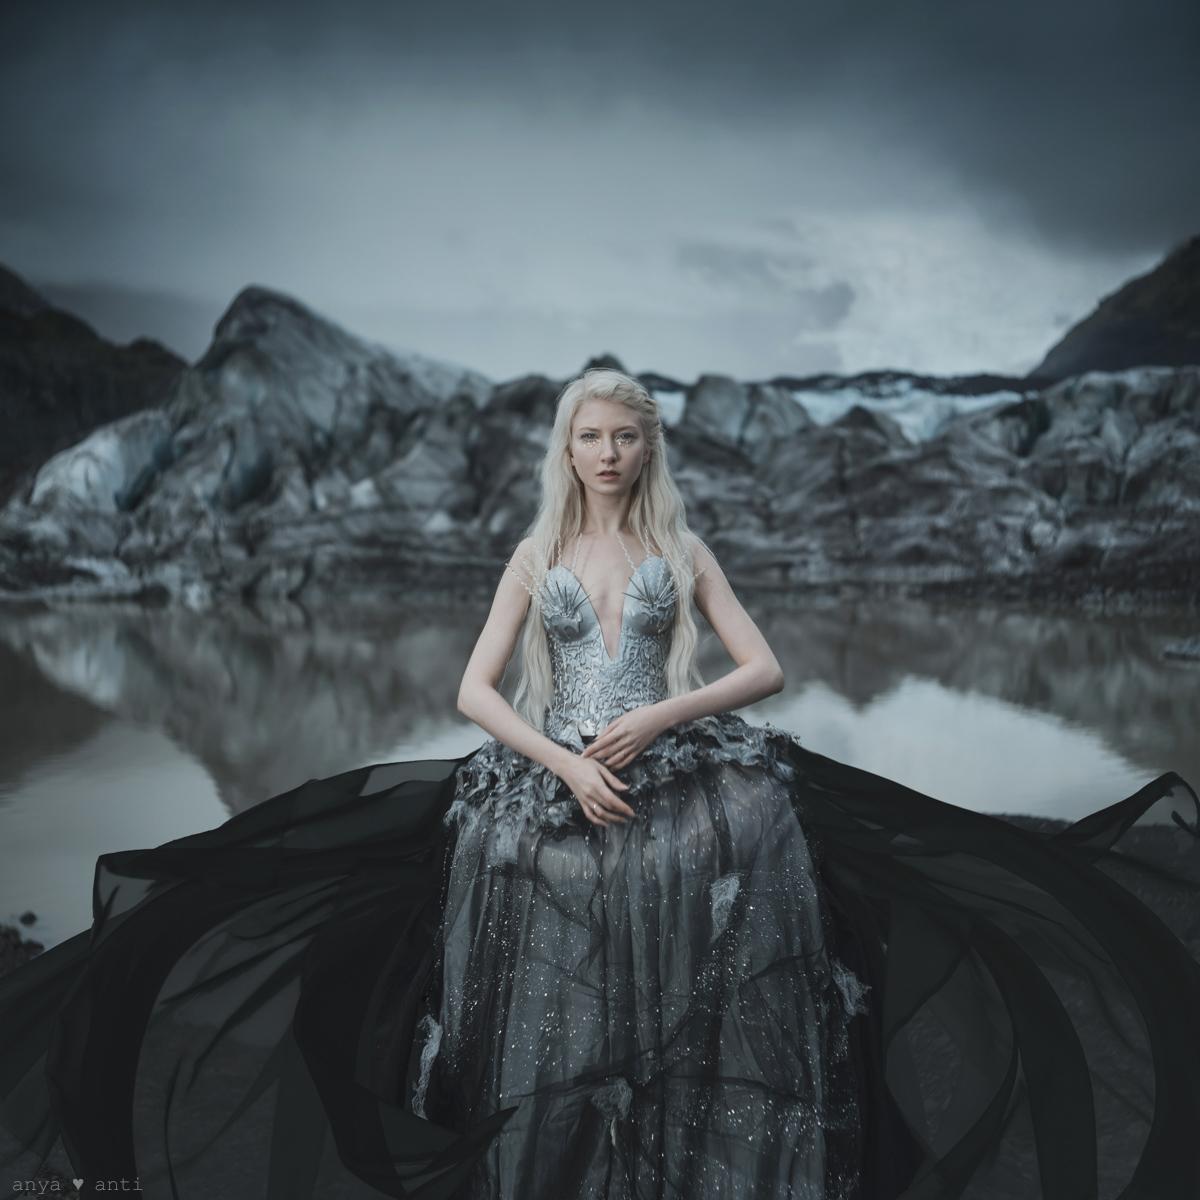 The Essence of Life project créé par Free Spirit - campagne de sensibilisation sur le réchauffement climatique et la fonte des glaciers à travers une approche artistique. Notre équipe a voyagé en Islande - Ici la plage de Diamants - photo par Anya Anti